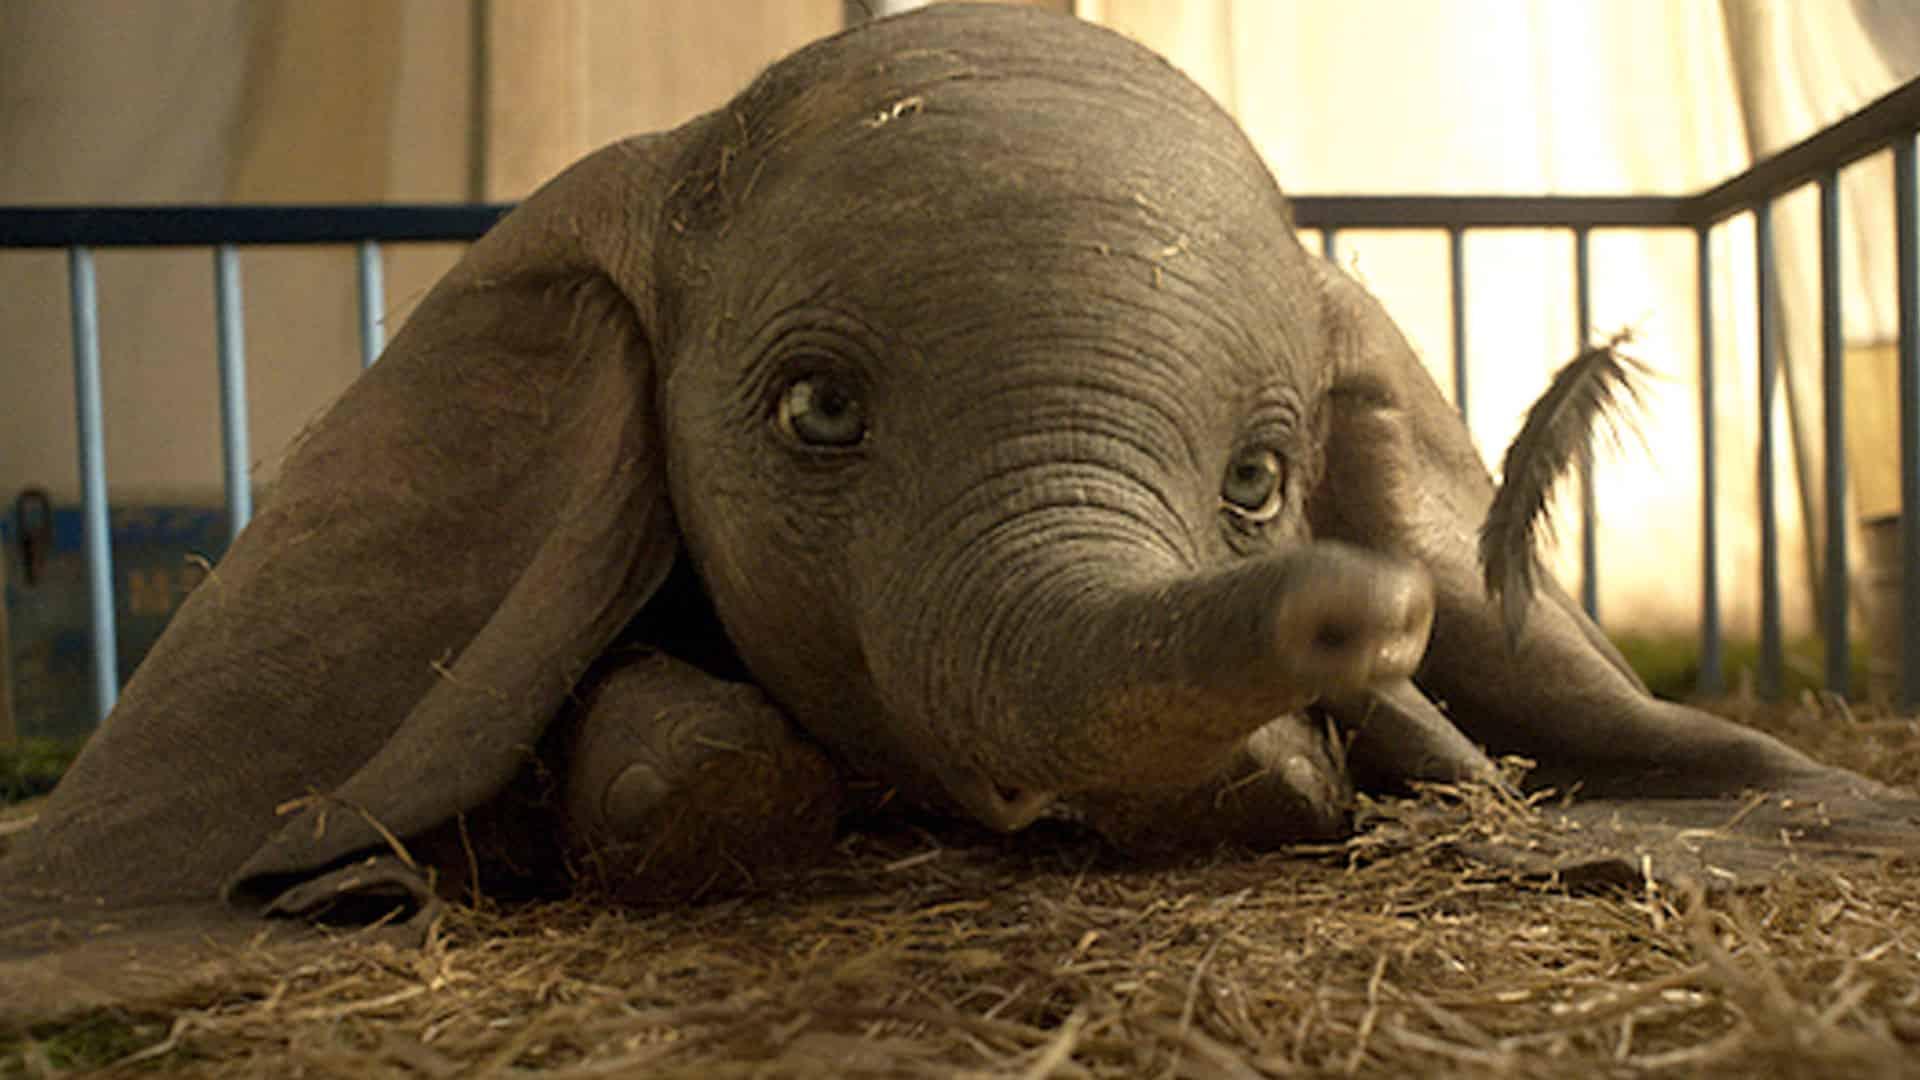 Dumbo la storia vera dietro al film e la leggenda degli elefanti